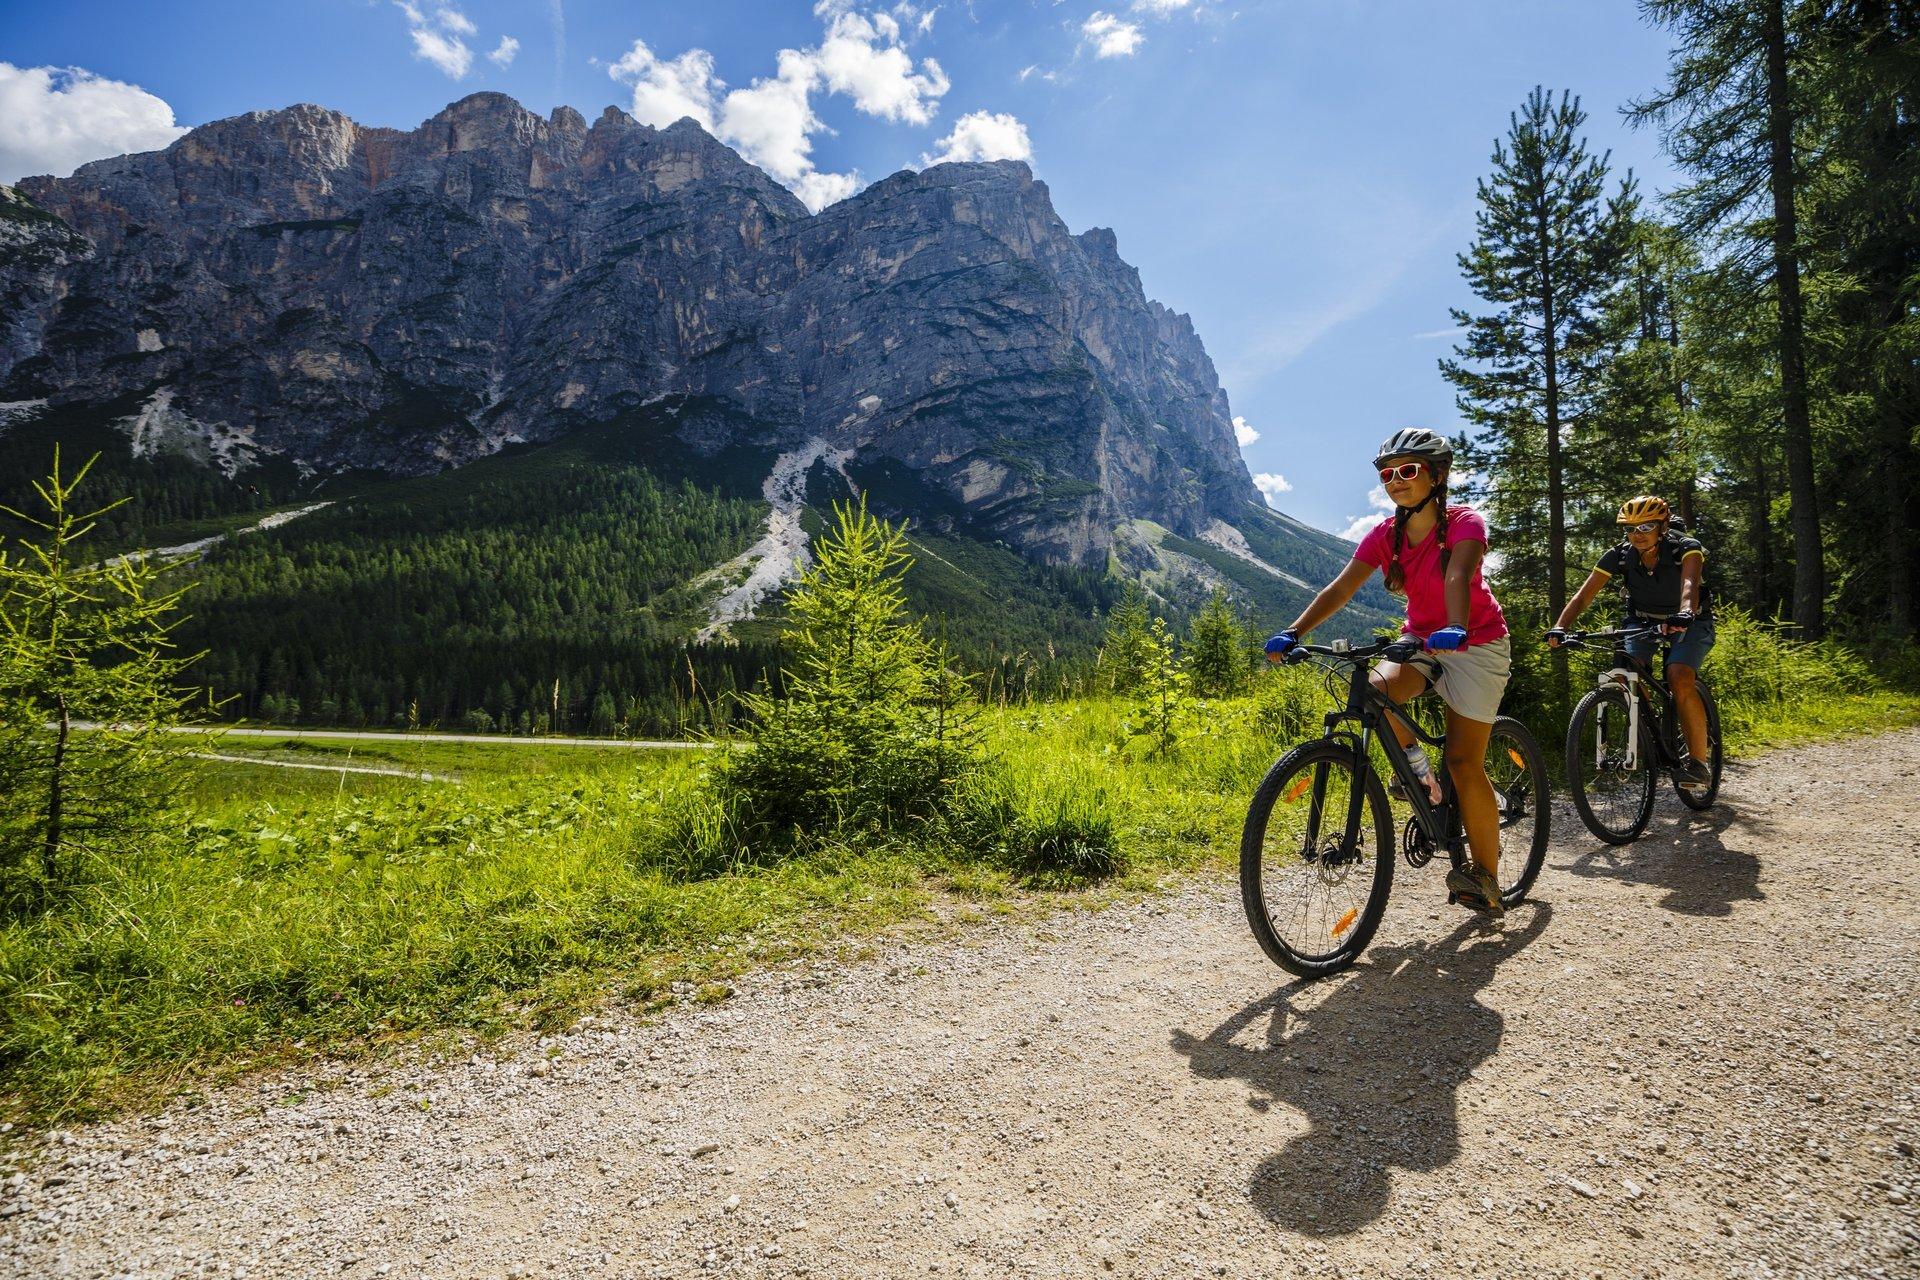 due ciclisti in montagna con lo sfondo di una montagna